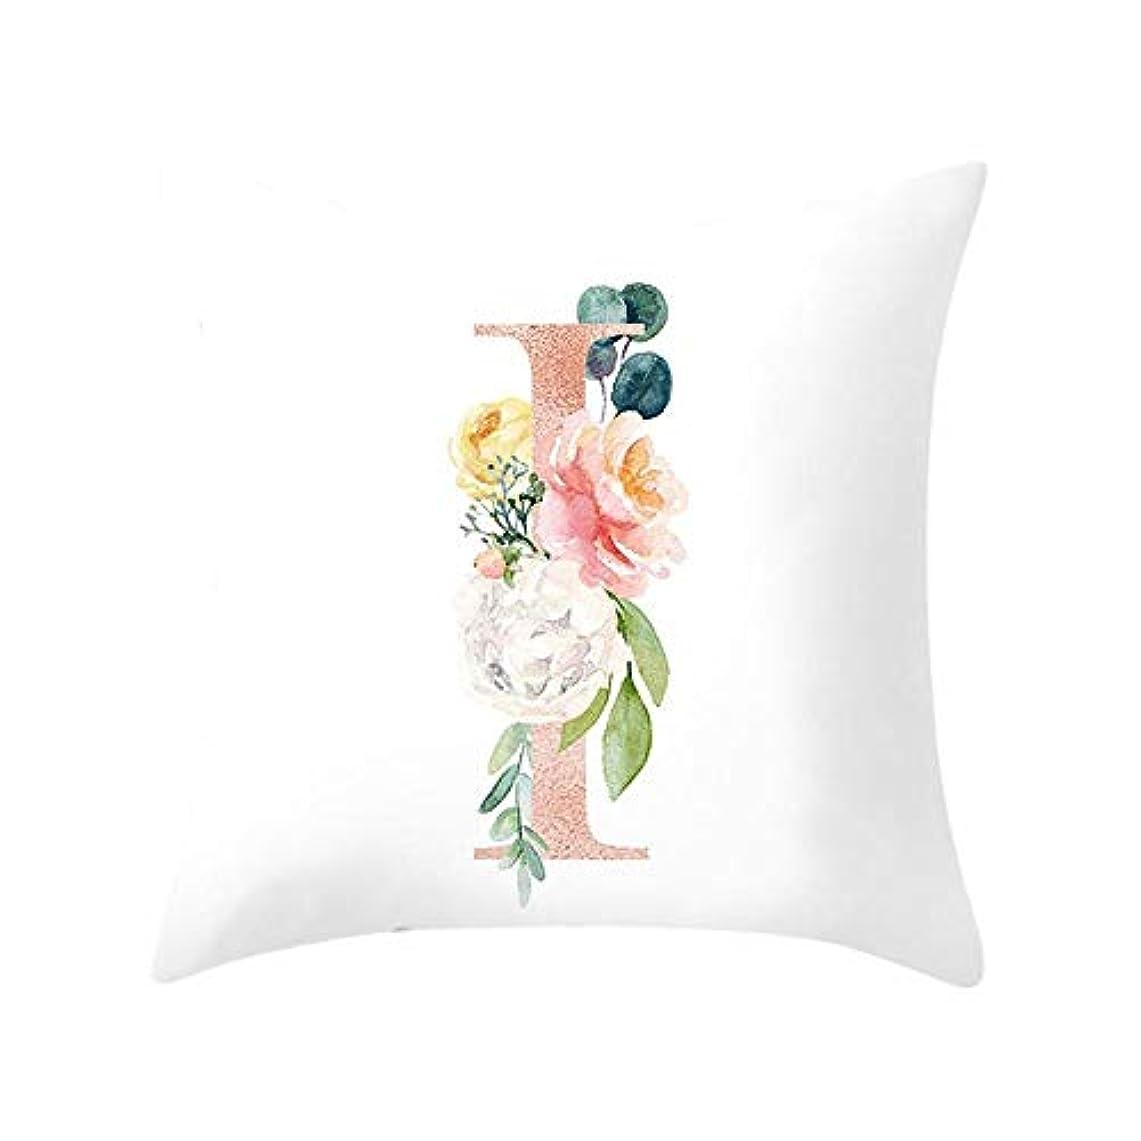 成長データベースマイクLIFE 装飾クッションソファ手紙枕アルファベットクッション印刷ソファ家の装飾の花枕 coussin decoratif クッション 椅子